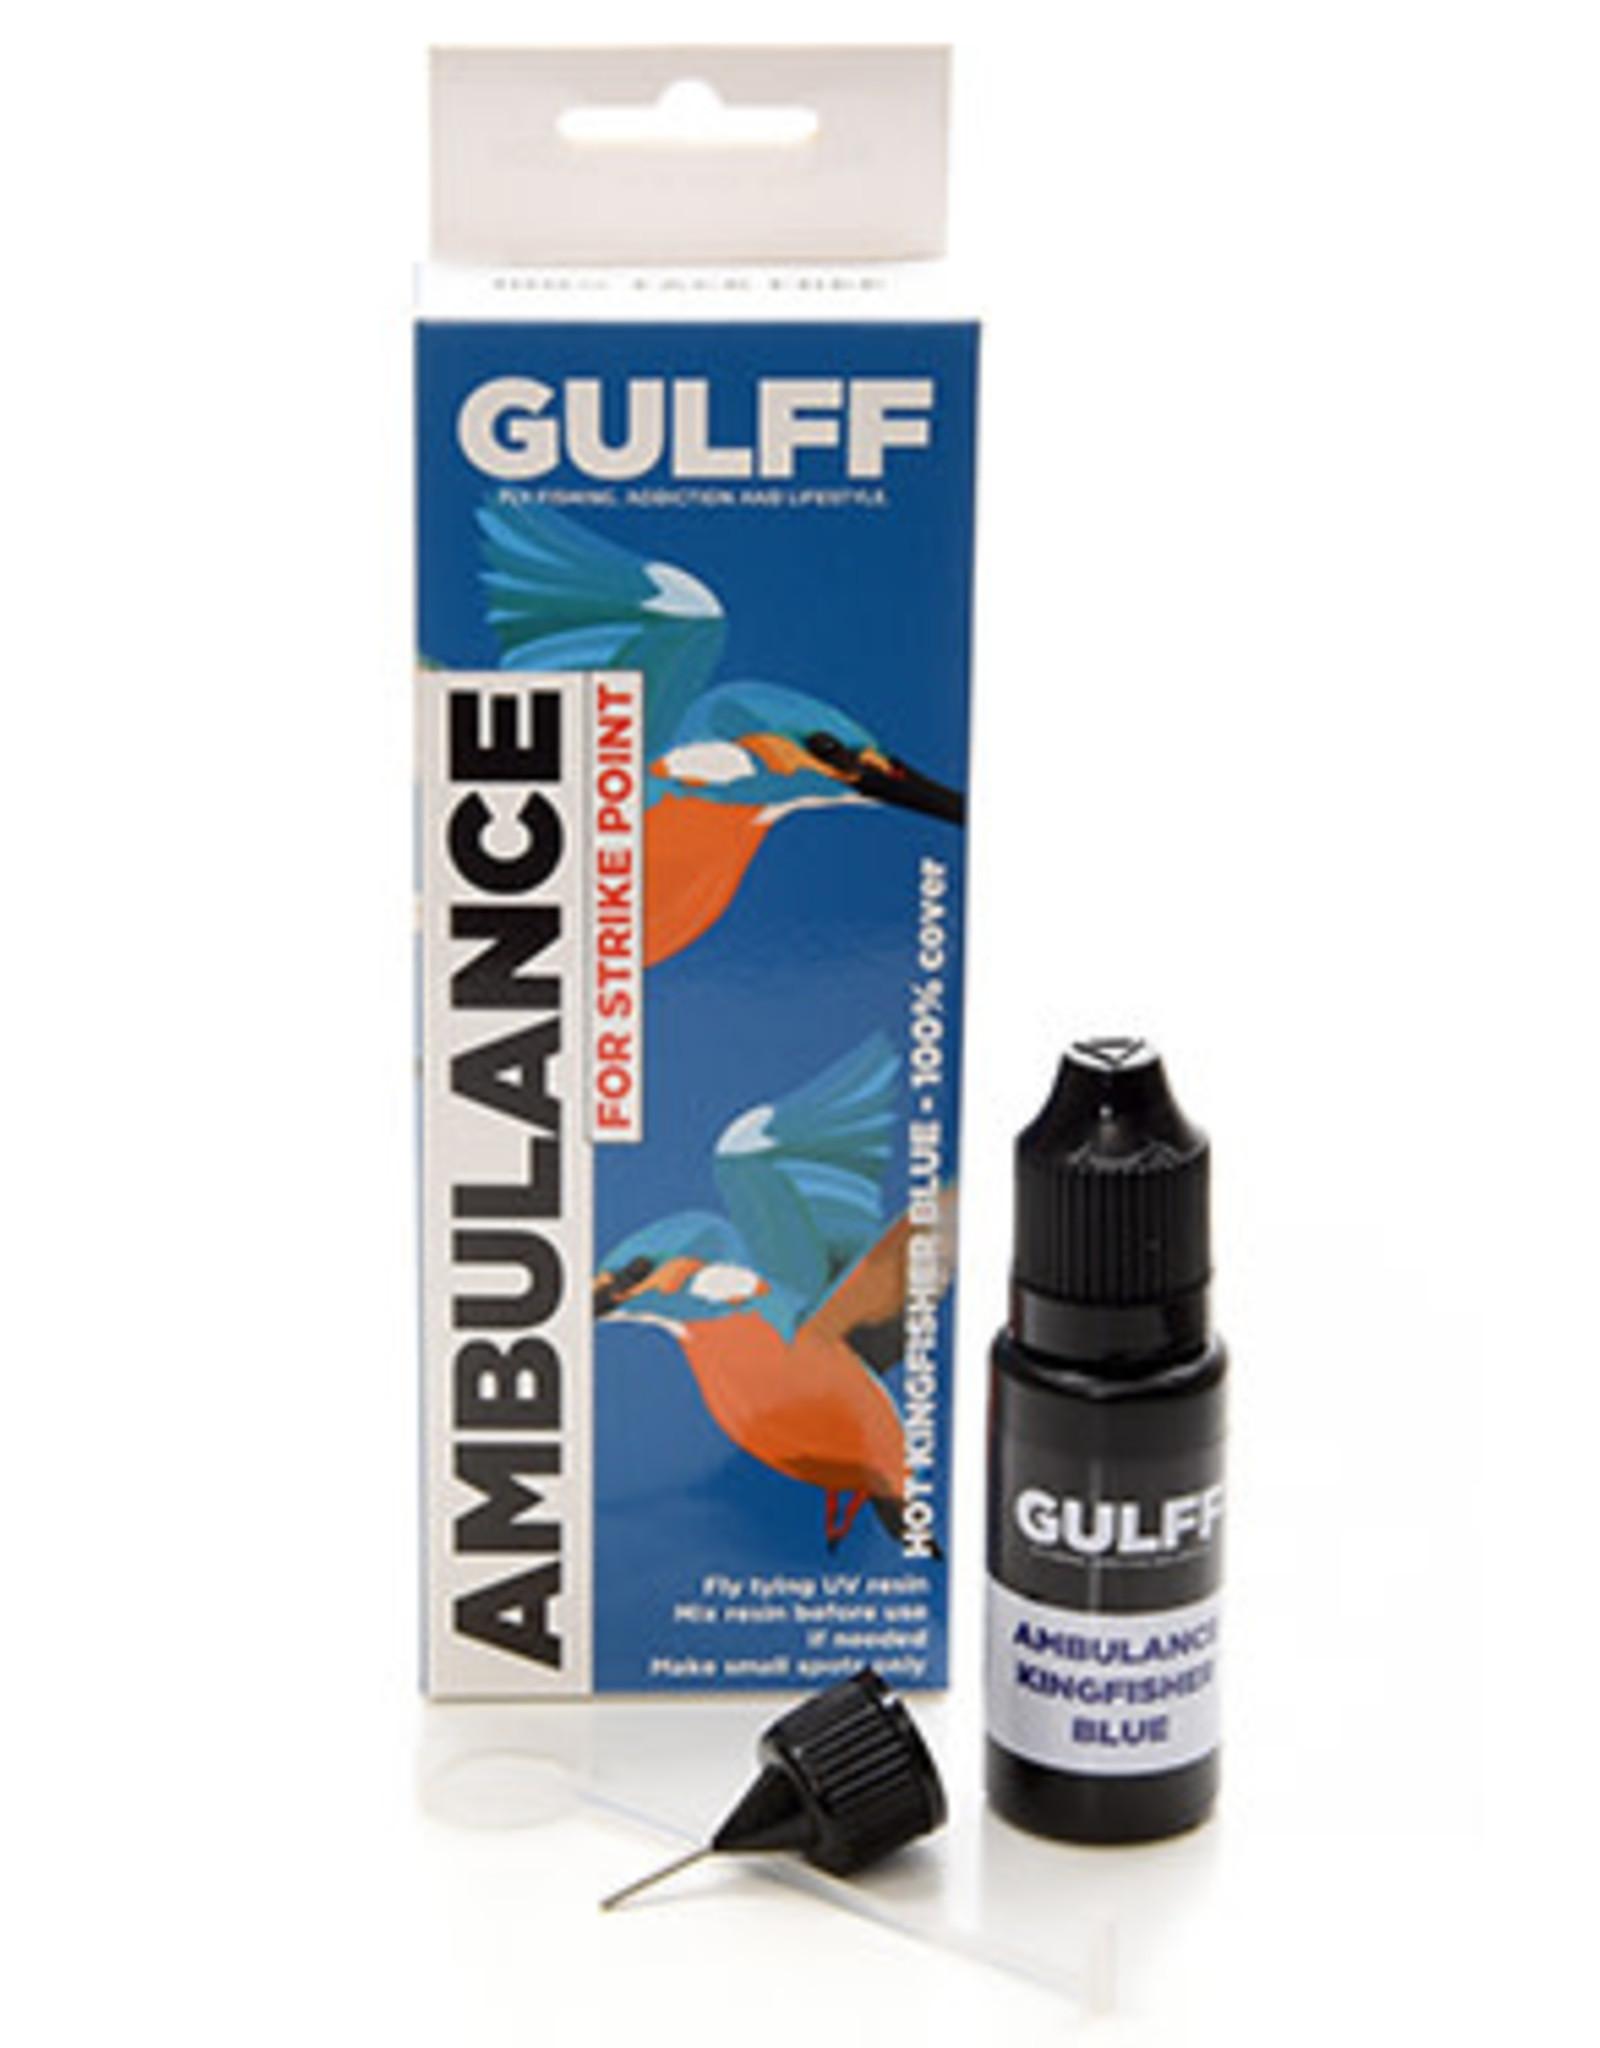 Gulff Gulff Ambulance King Fisher Blue